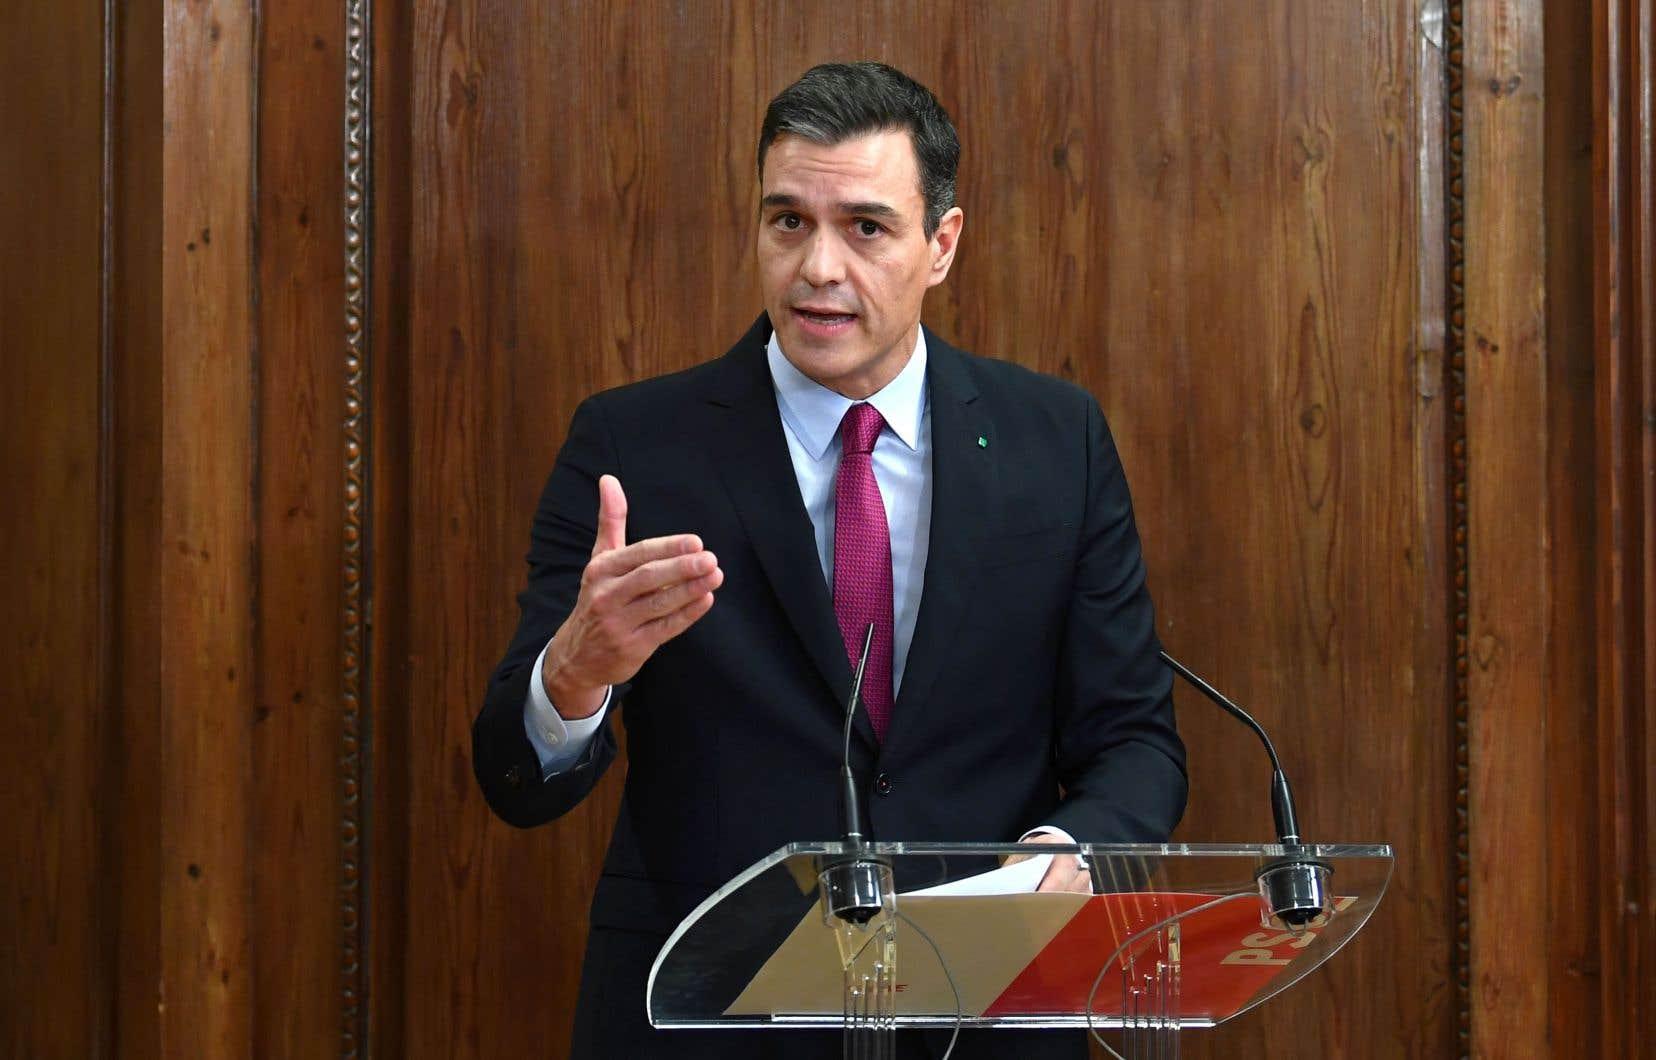 Lundi, Pedro Sánchez a présenté son programme de gouvernement de coalition avec la gauche radicale de Podemos.